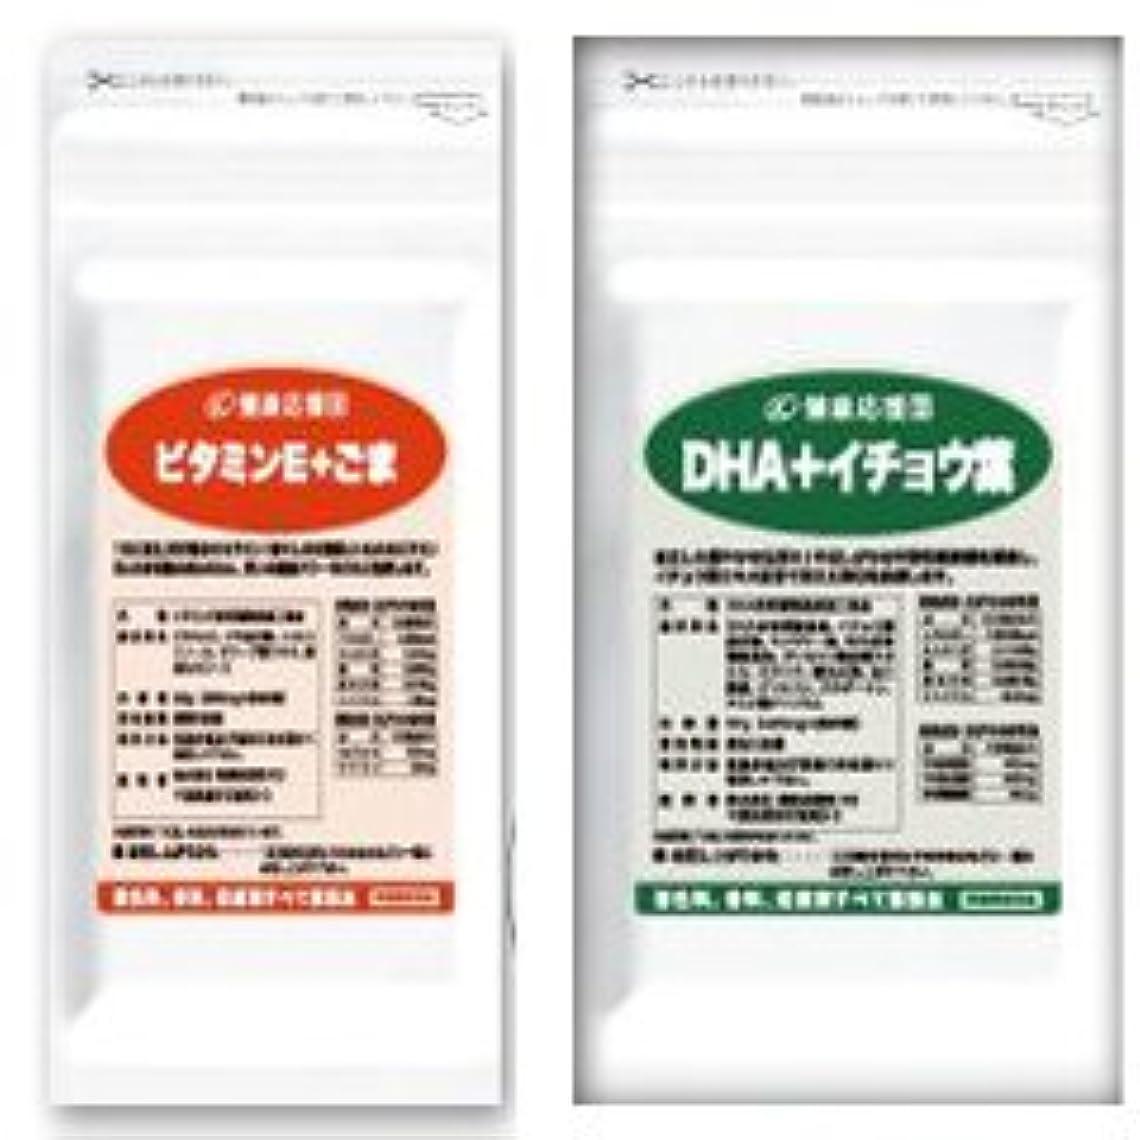 中央ペーストベアリングサークル(お徳用6か月分)毎日元気セット (ビタミンE+ごま) + (DHA+イチョウ葉エキス)6袋&6袋セット (DHA?EPA?ビタミンE?セサミン)